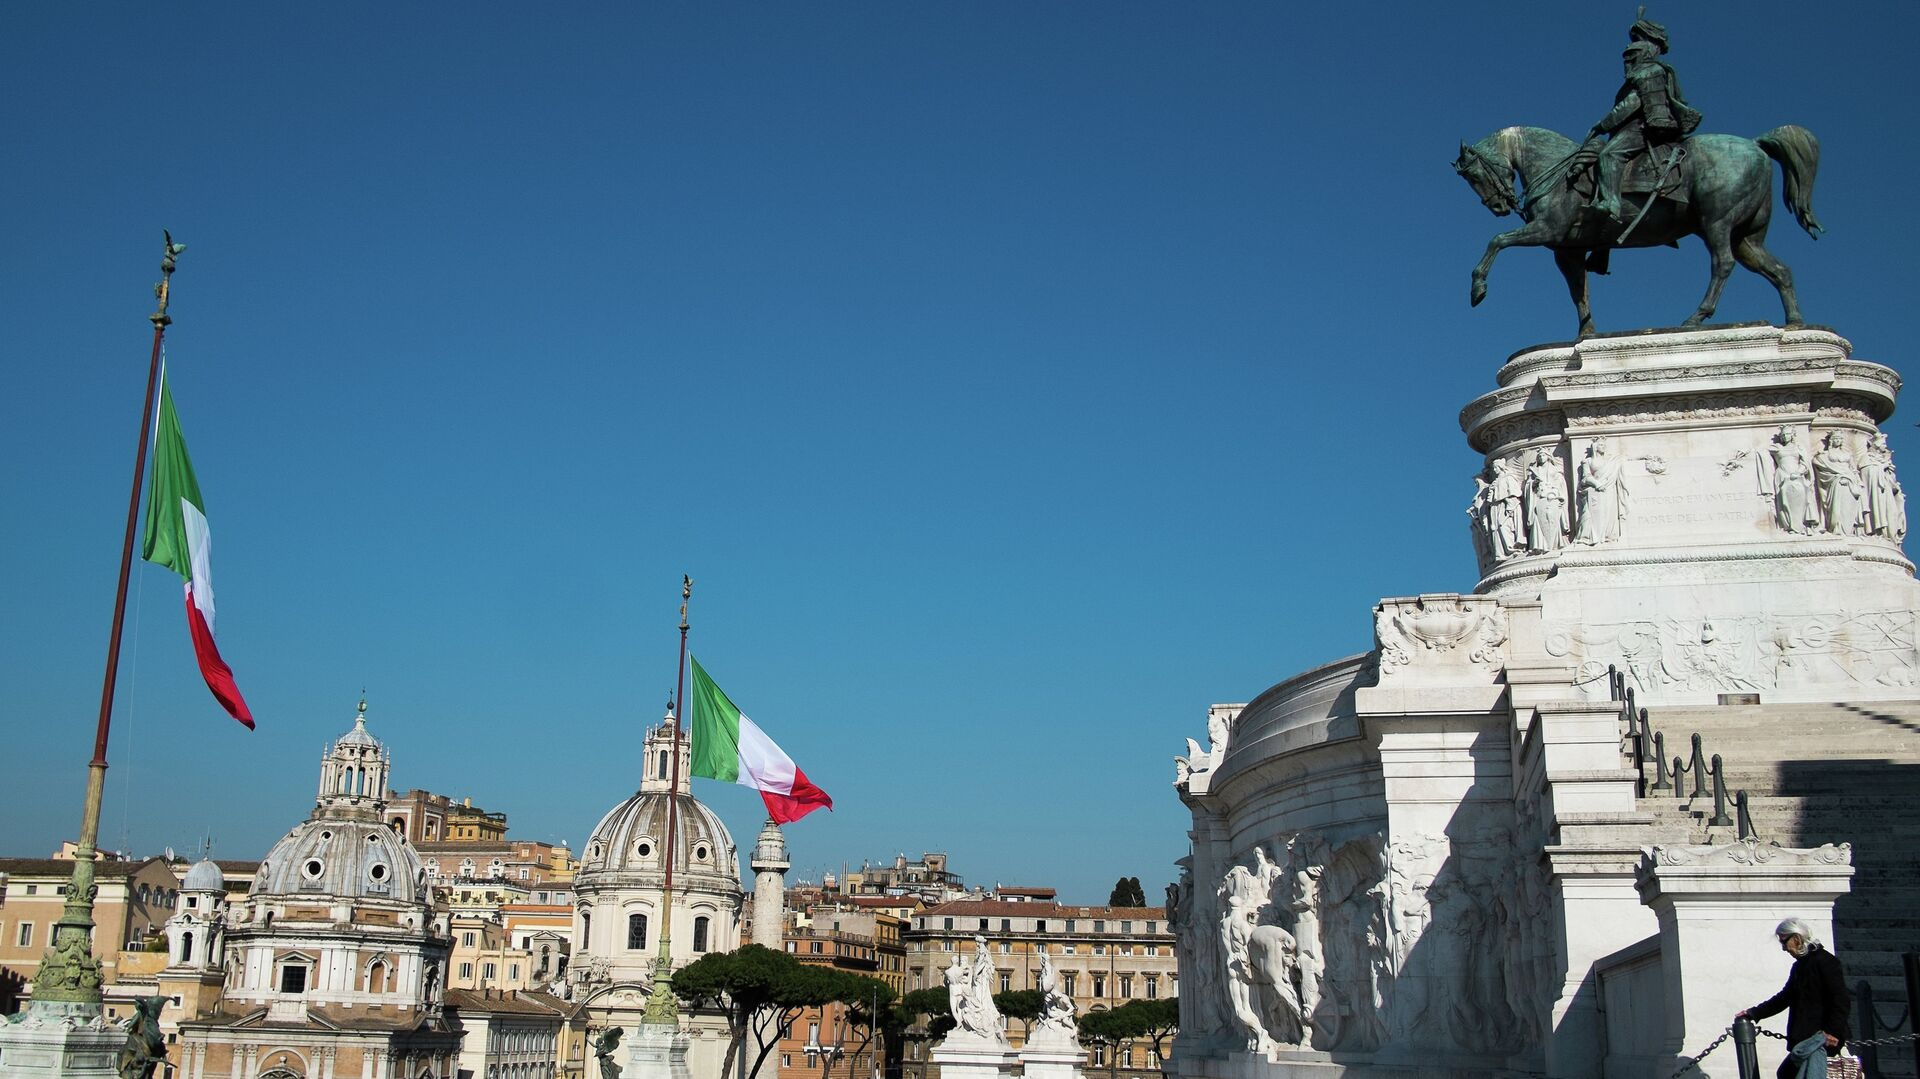 La plaza Venecia en Roma, Italia - Sputnik Mundo, 1920, 14.05.2021